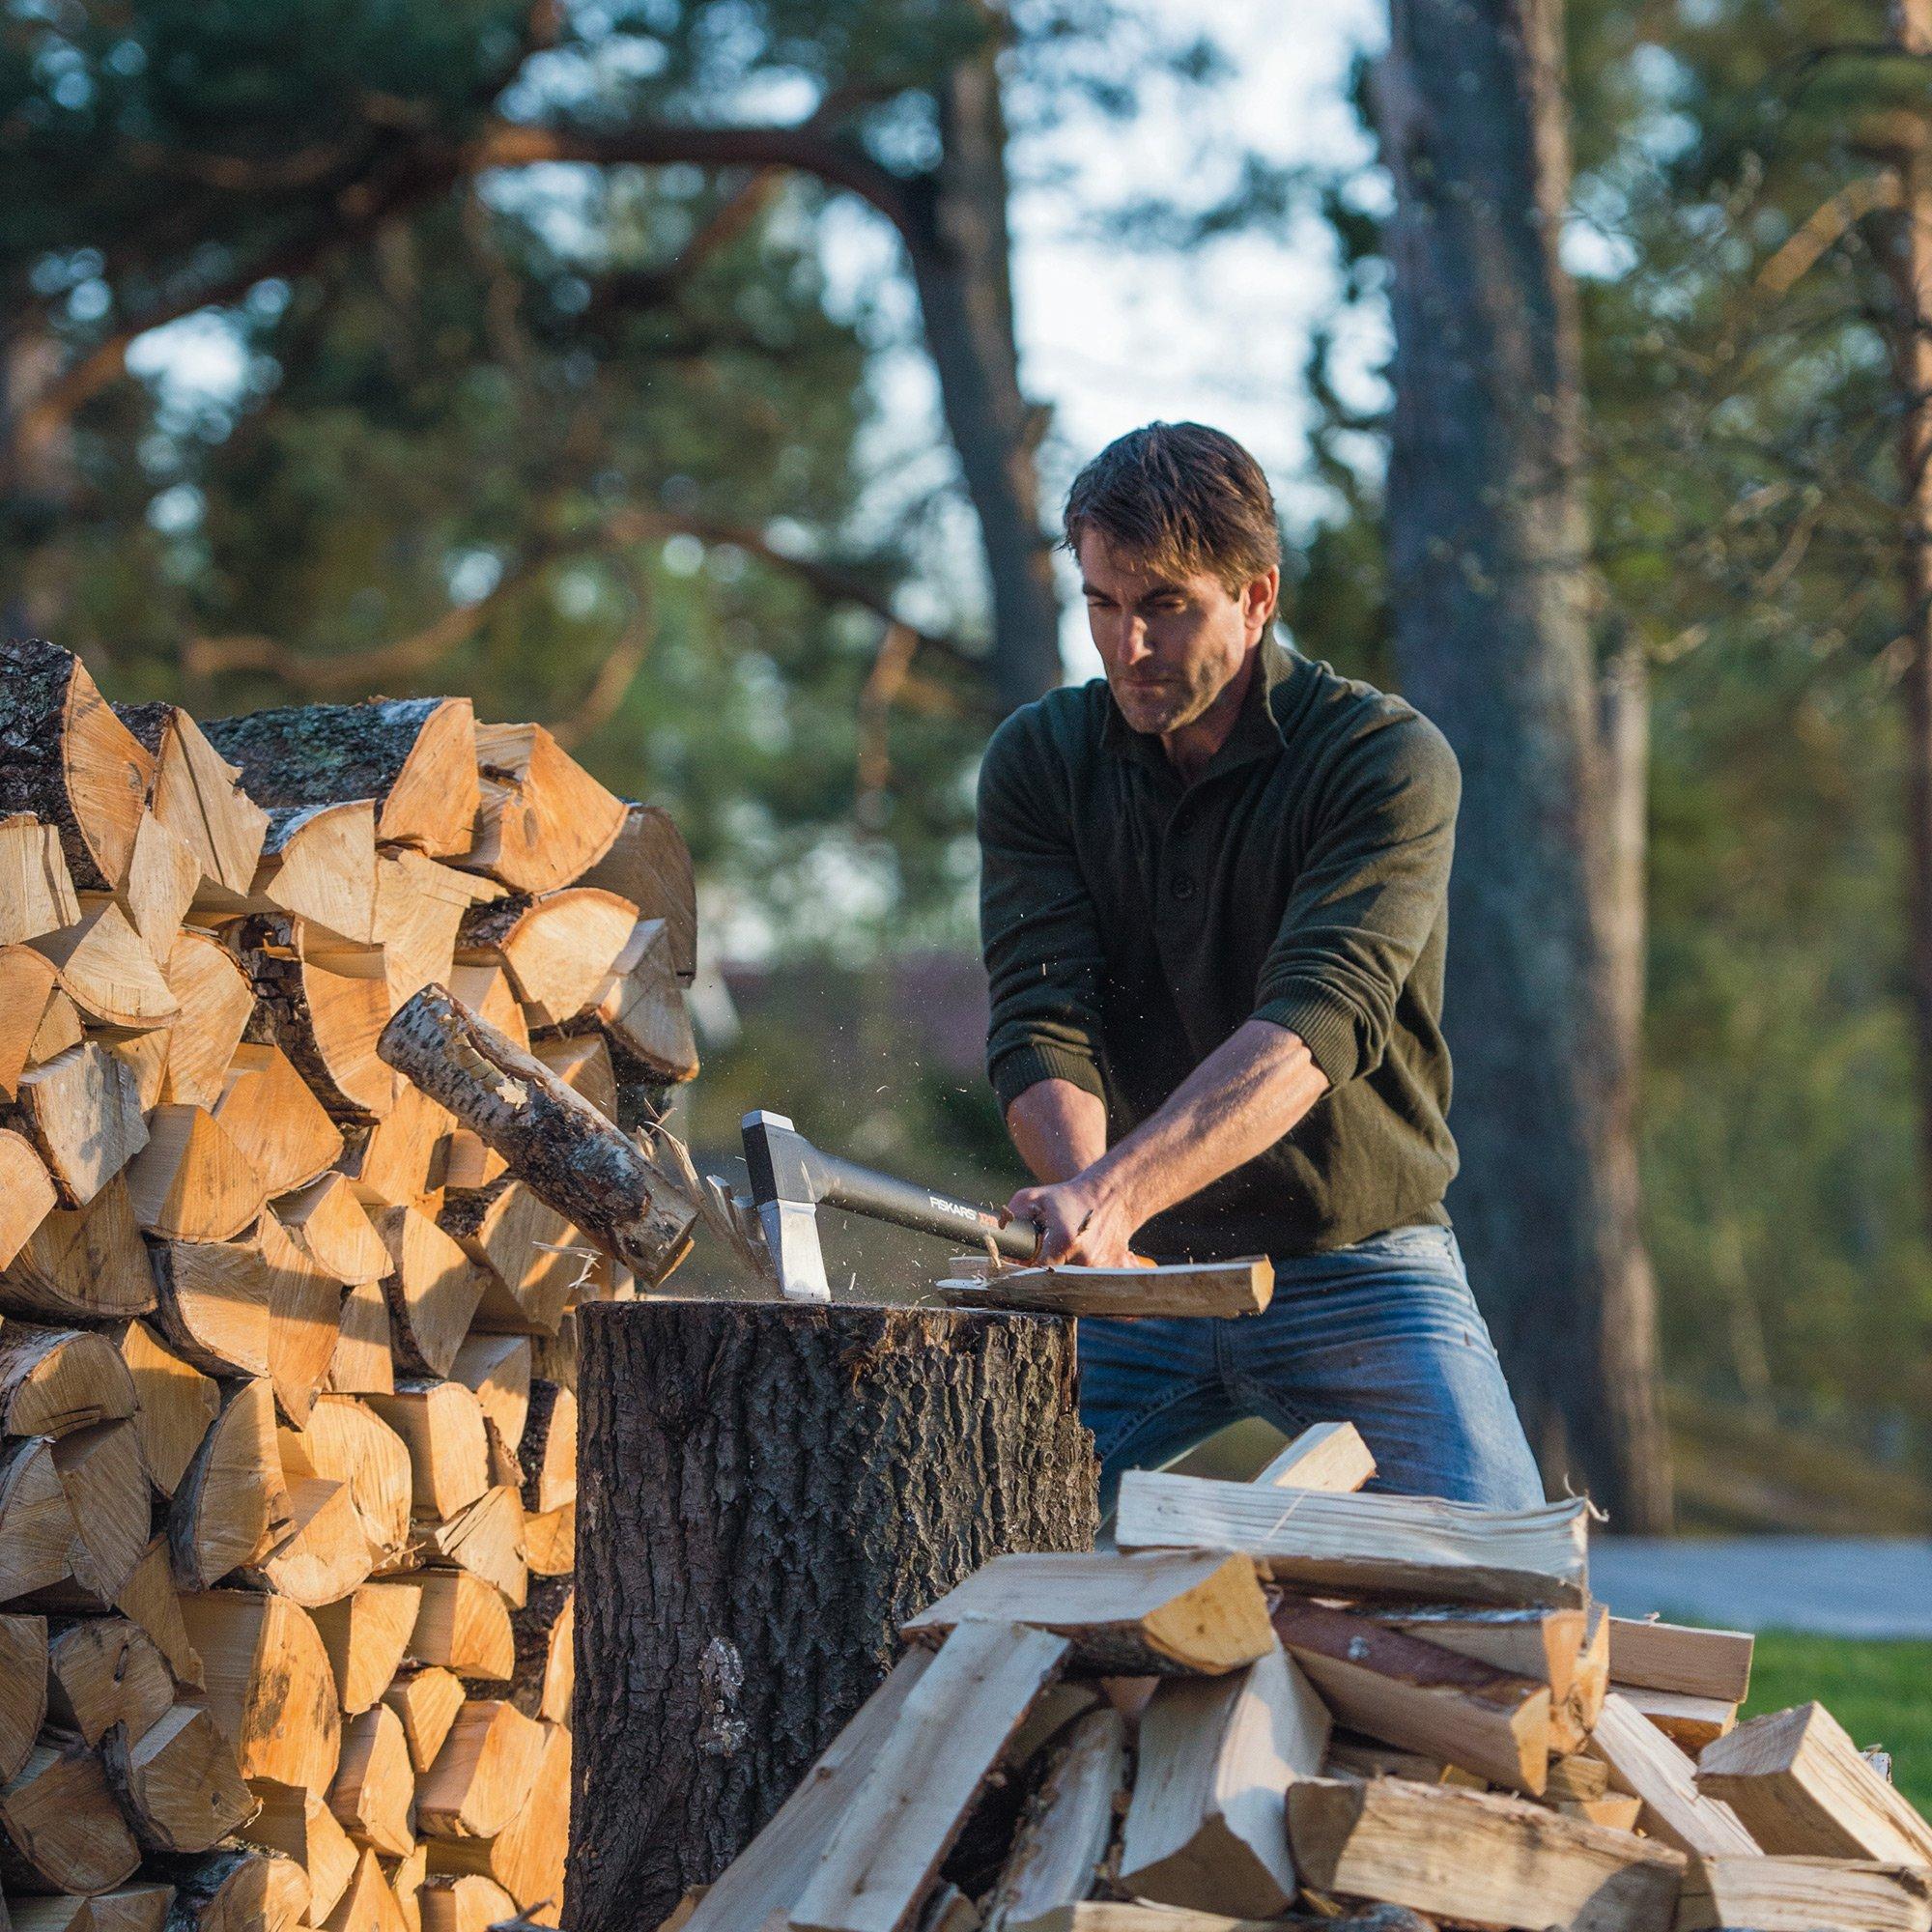 Поздравления на картинке с дровами